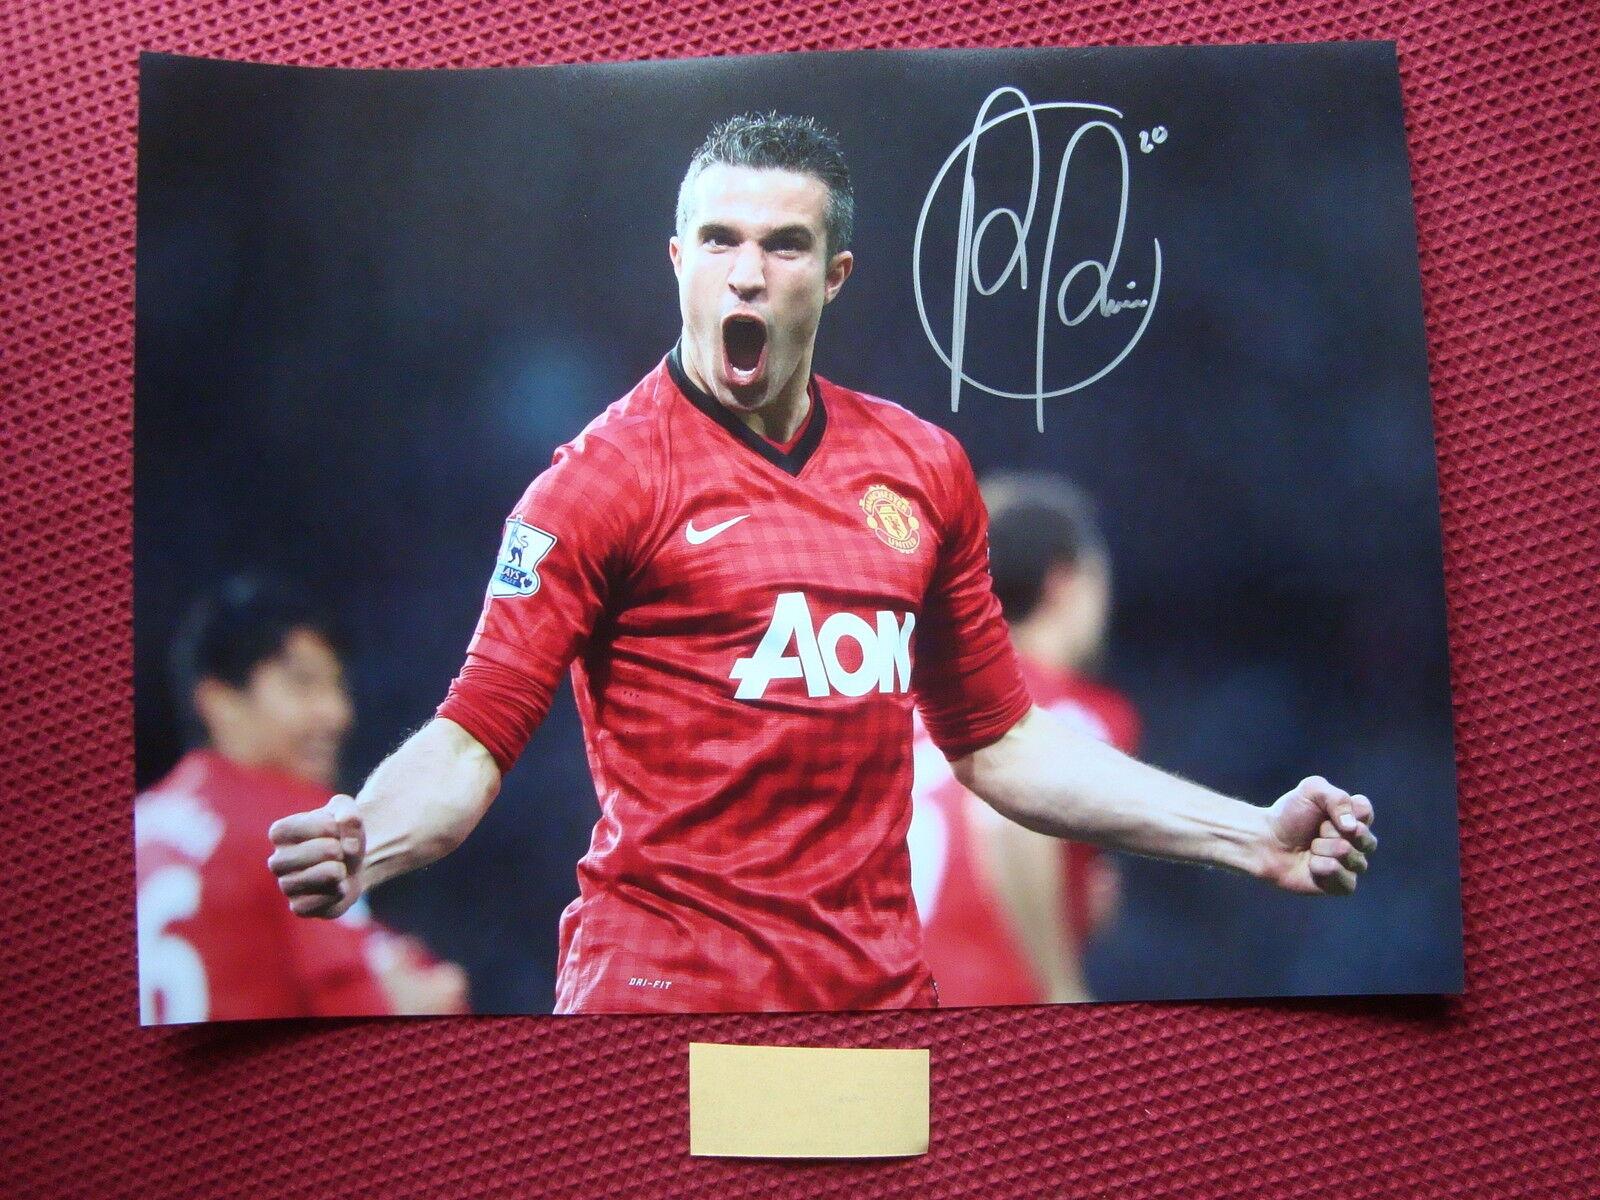 Manchester United Robin van Persie Firmado Foto Foto Foto 16 x12  - a prueba de foto exacta 8b59bf